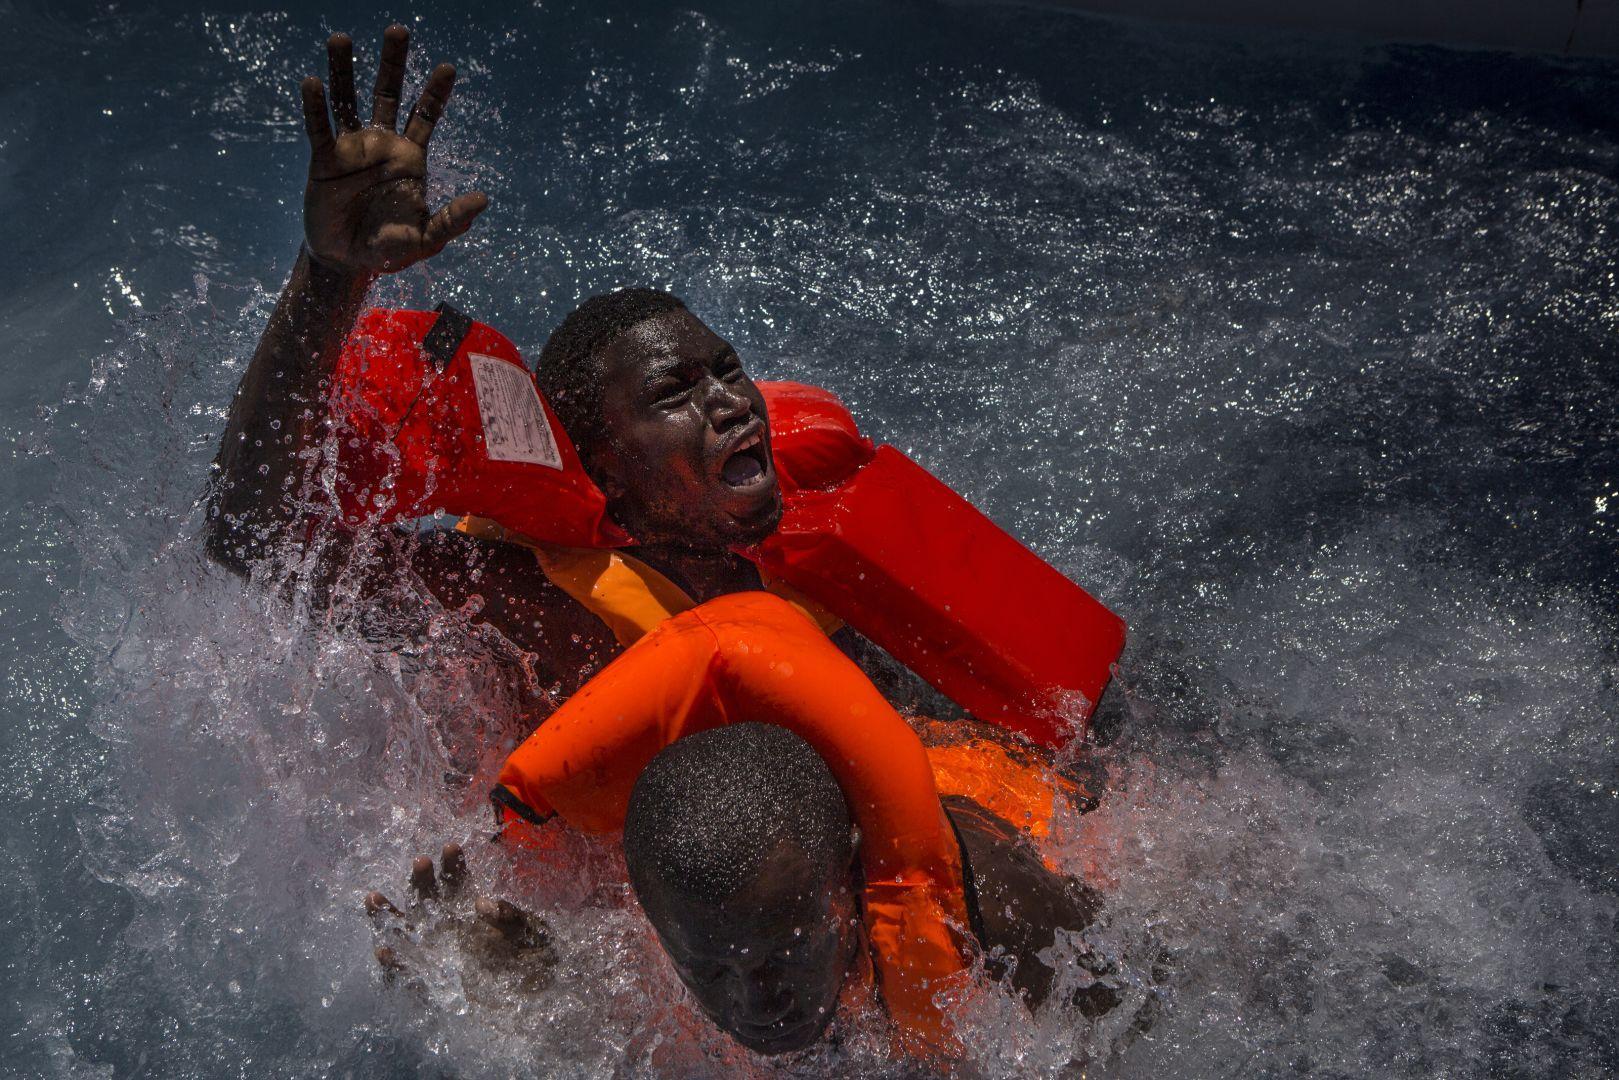 Біженці намагаються втиснутись в човен з більш ніж 500 людьми, біля берегів Лівії.